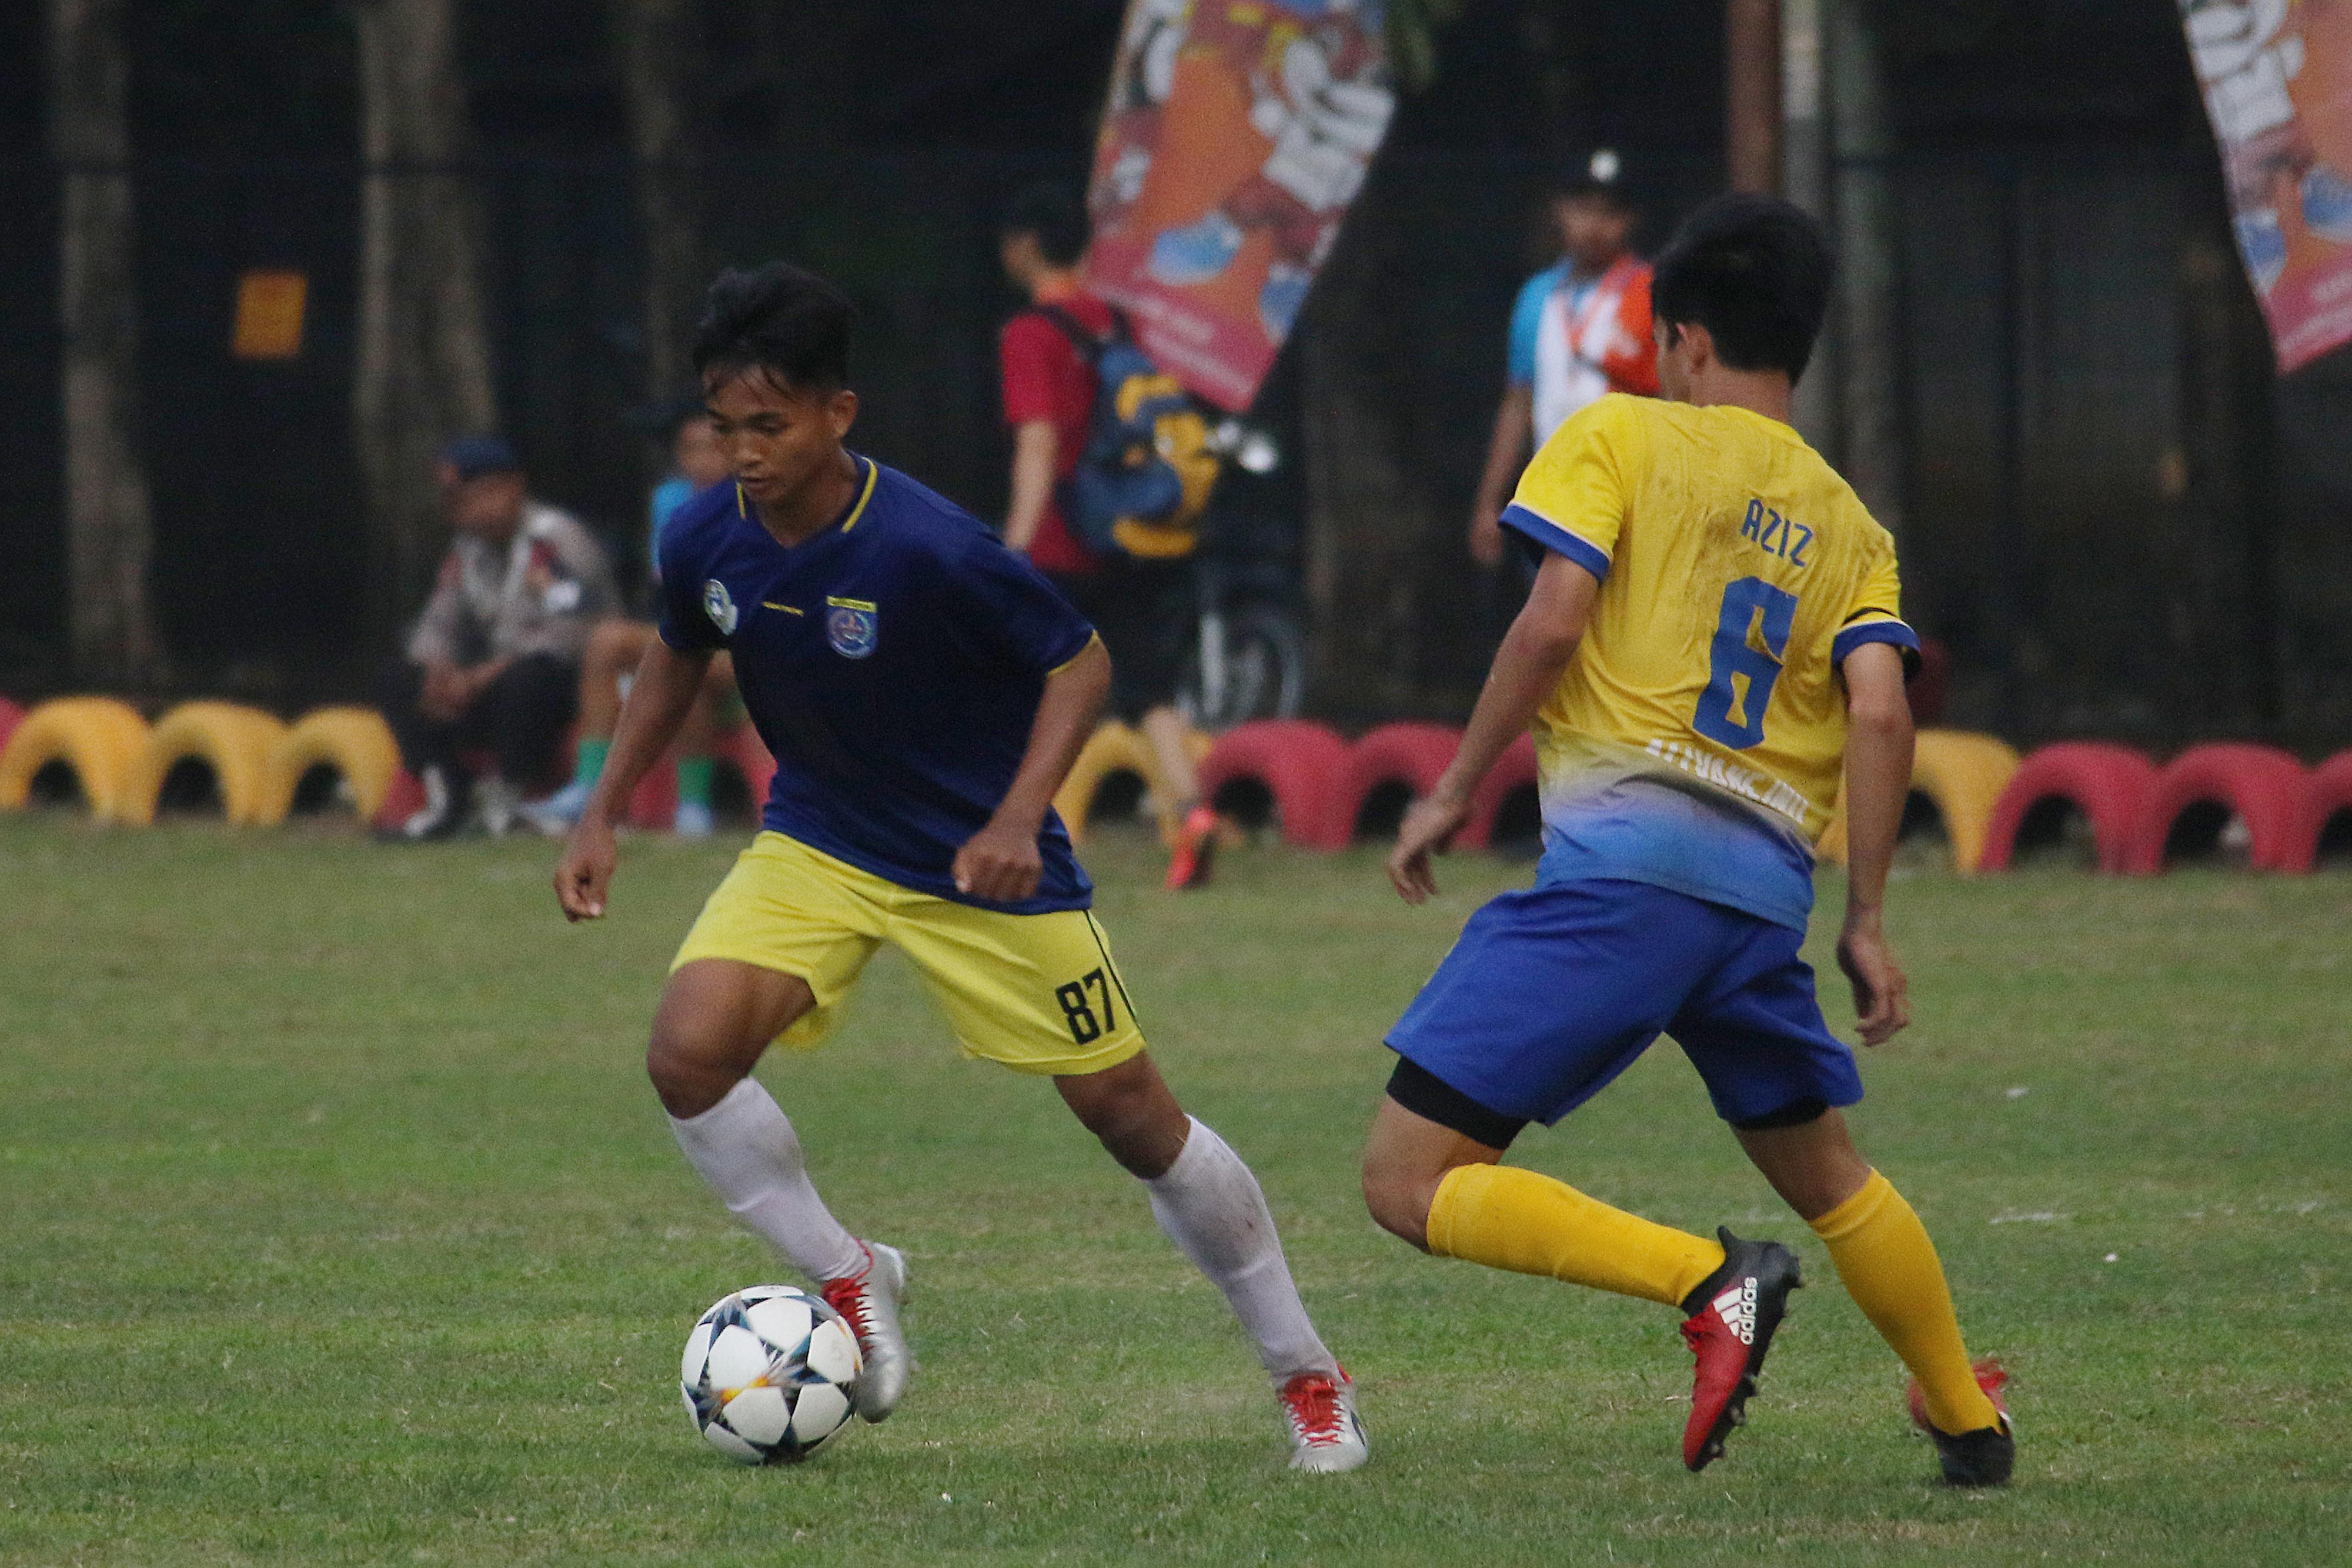 Pesepak bola Kota Depok, Dimas Alfian (kiri) sedang beraksi dalam laga Kota Depok vs. Kab. Bekasi PORDA Jabar XIII-2018 di Lapangan Sepak Bola Brimob Kedung Halang, Bogor, Senin (1/10) sore. Kota Depok berhasil menang 3-2 melawan Kab. Bekasi. KONI KOTA DEPOK/Faruqi/2018